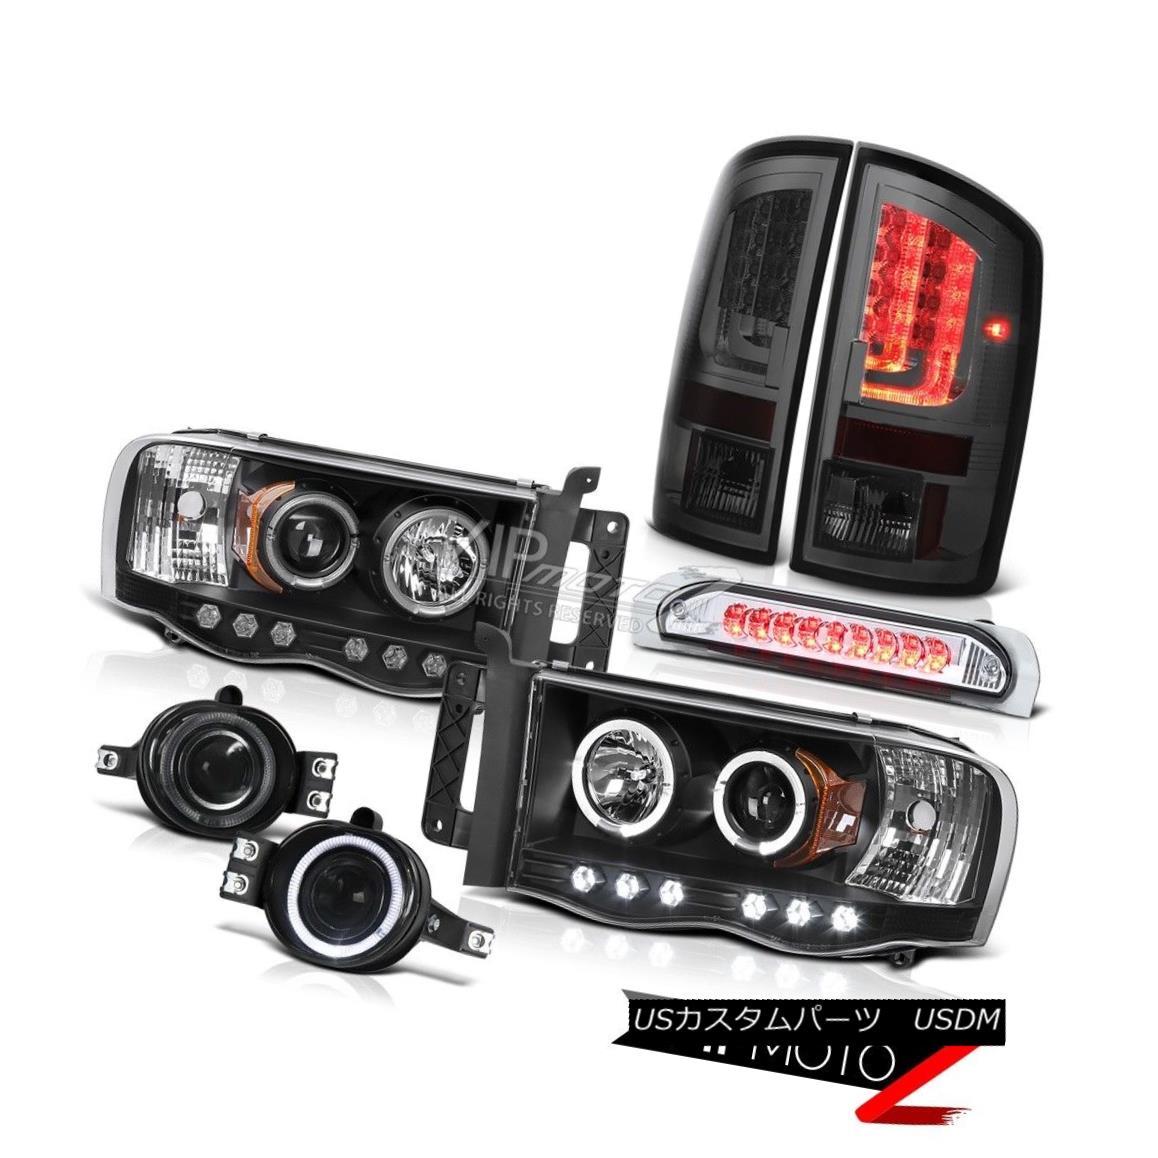 ヘッドライト 02-05 Ram 1500 2500 3500 WS Tail Lamps Headlights Fog Lights High STop Lamp LED 02-05 Ram 1500 2500 3500 WSテールランプヘッドライトフォグライトハイストップランプLED